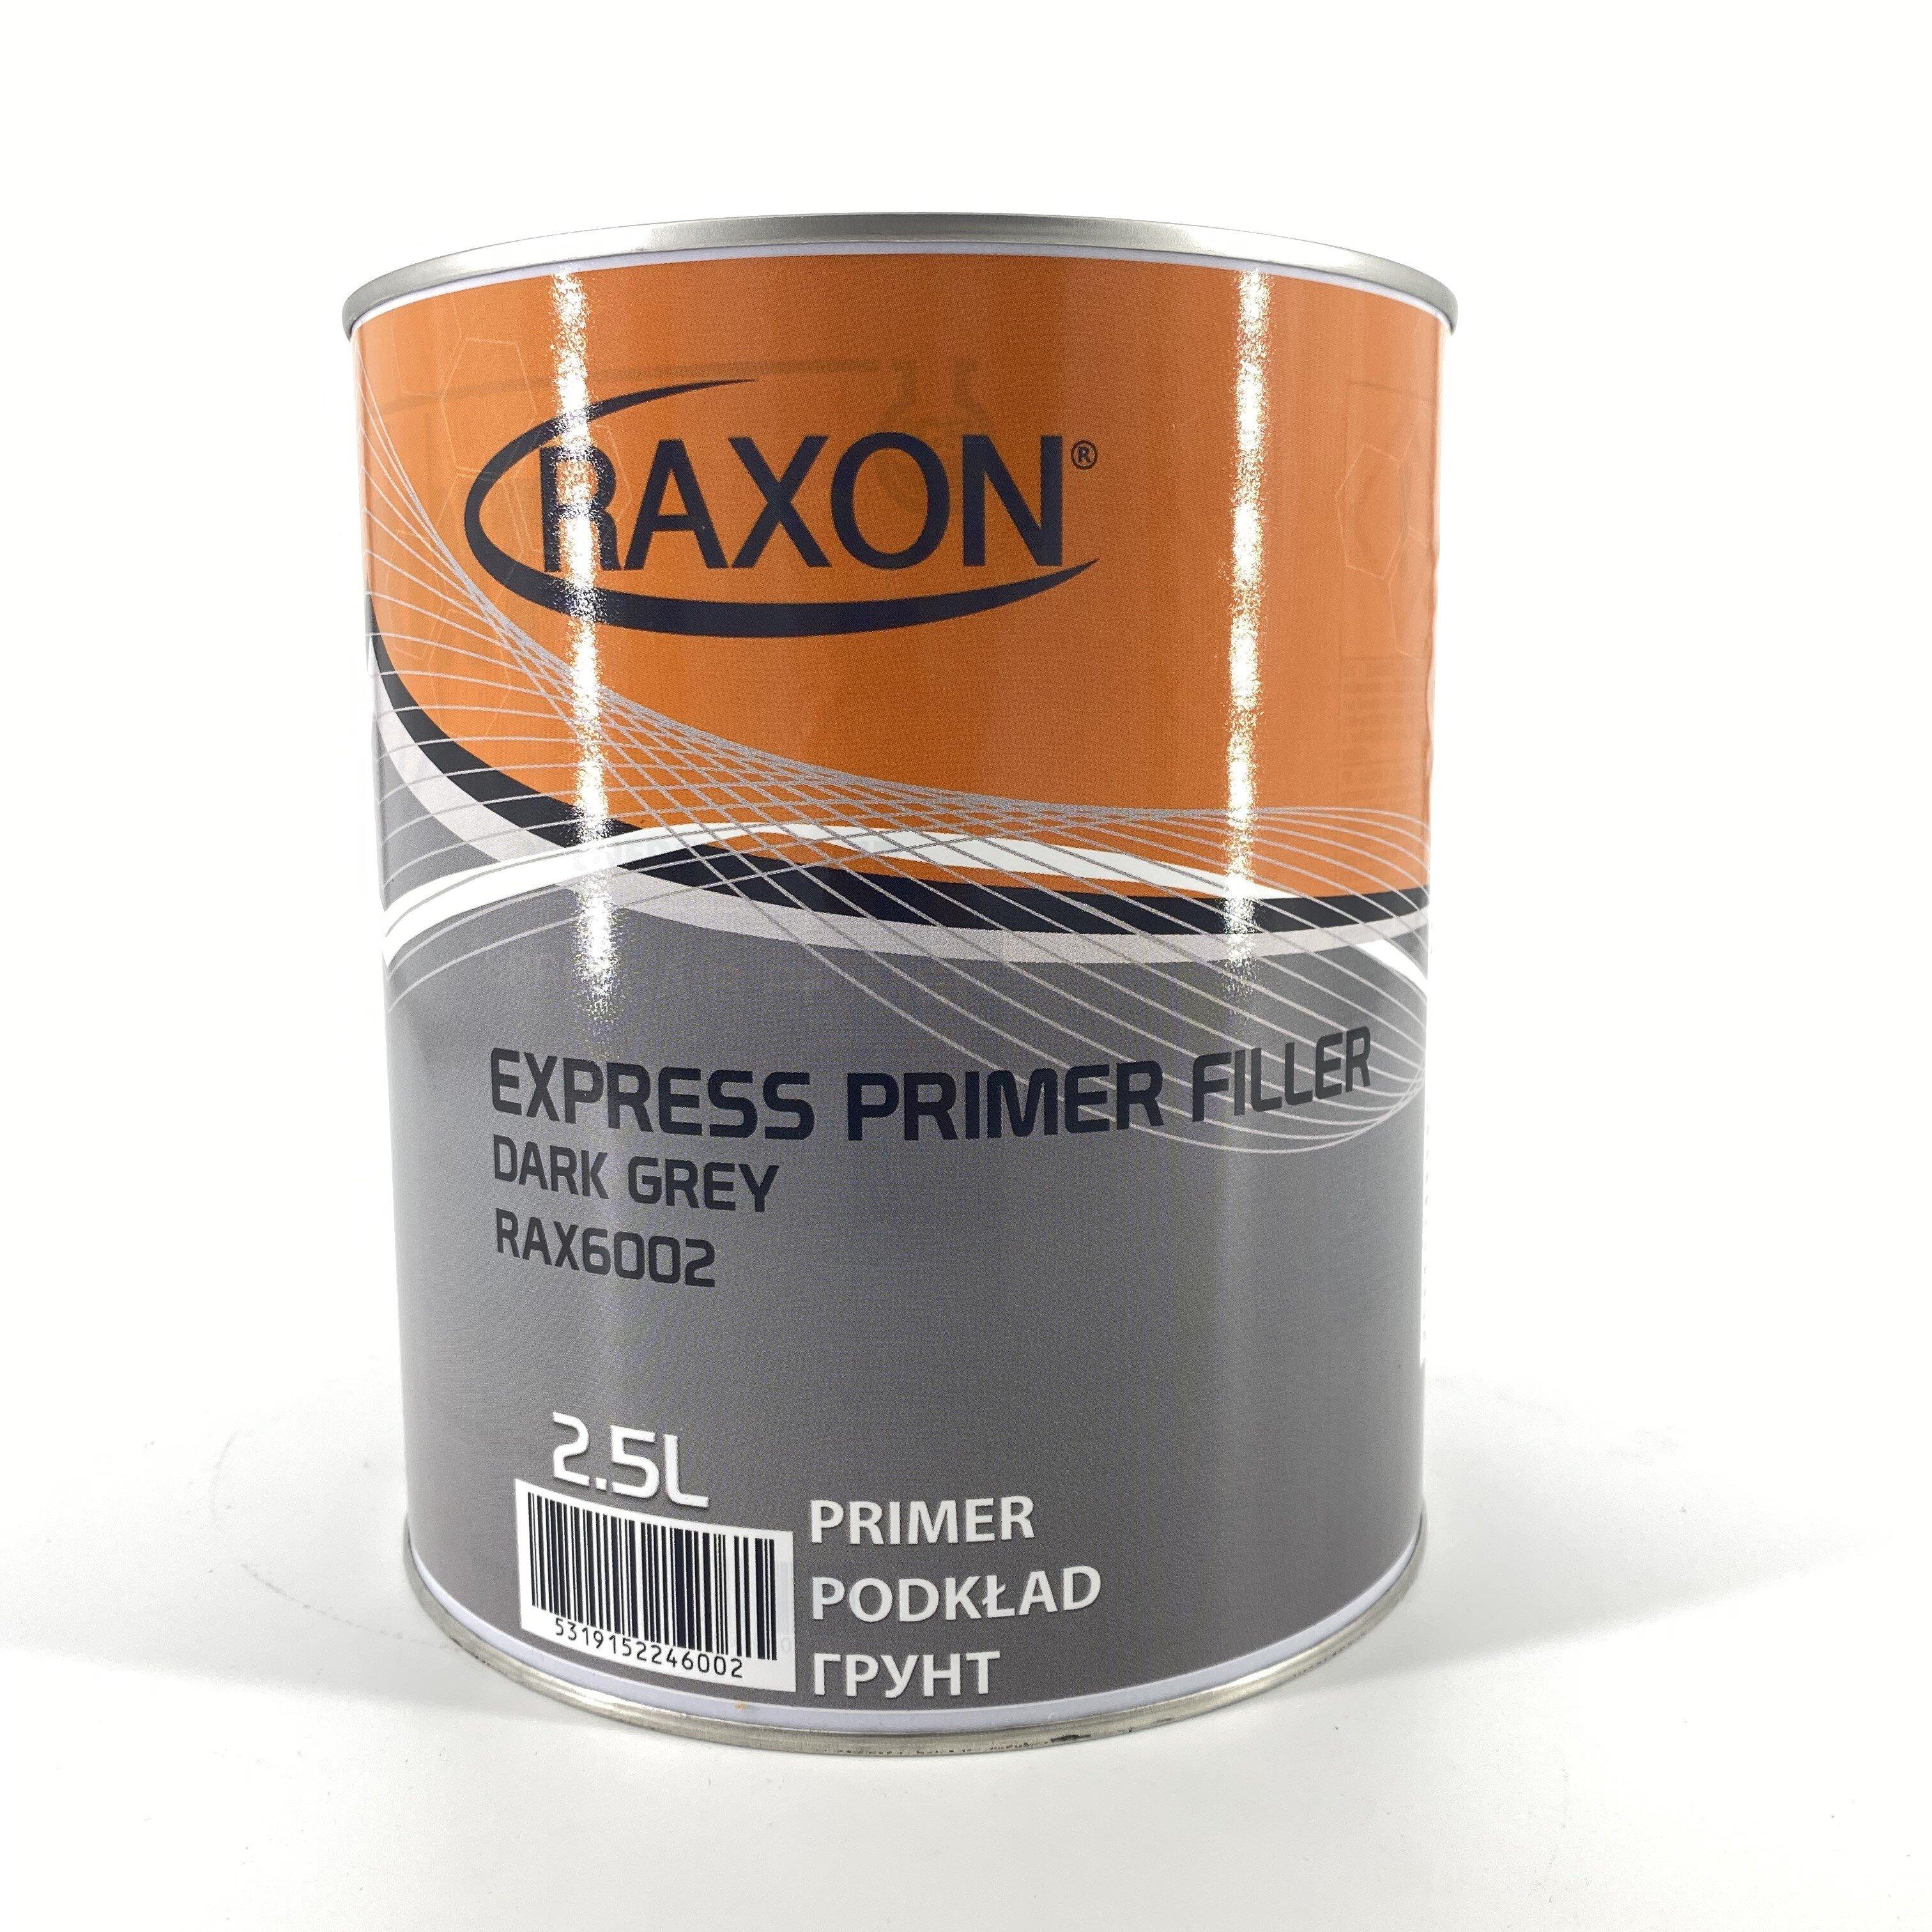 EXRESS PRIMER FILLER DK GREY2.5LT